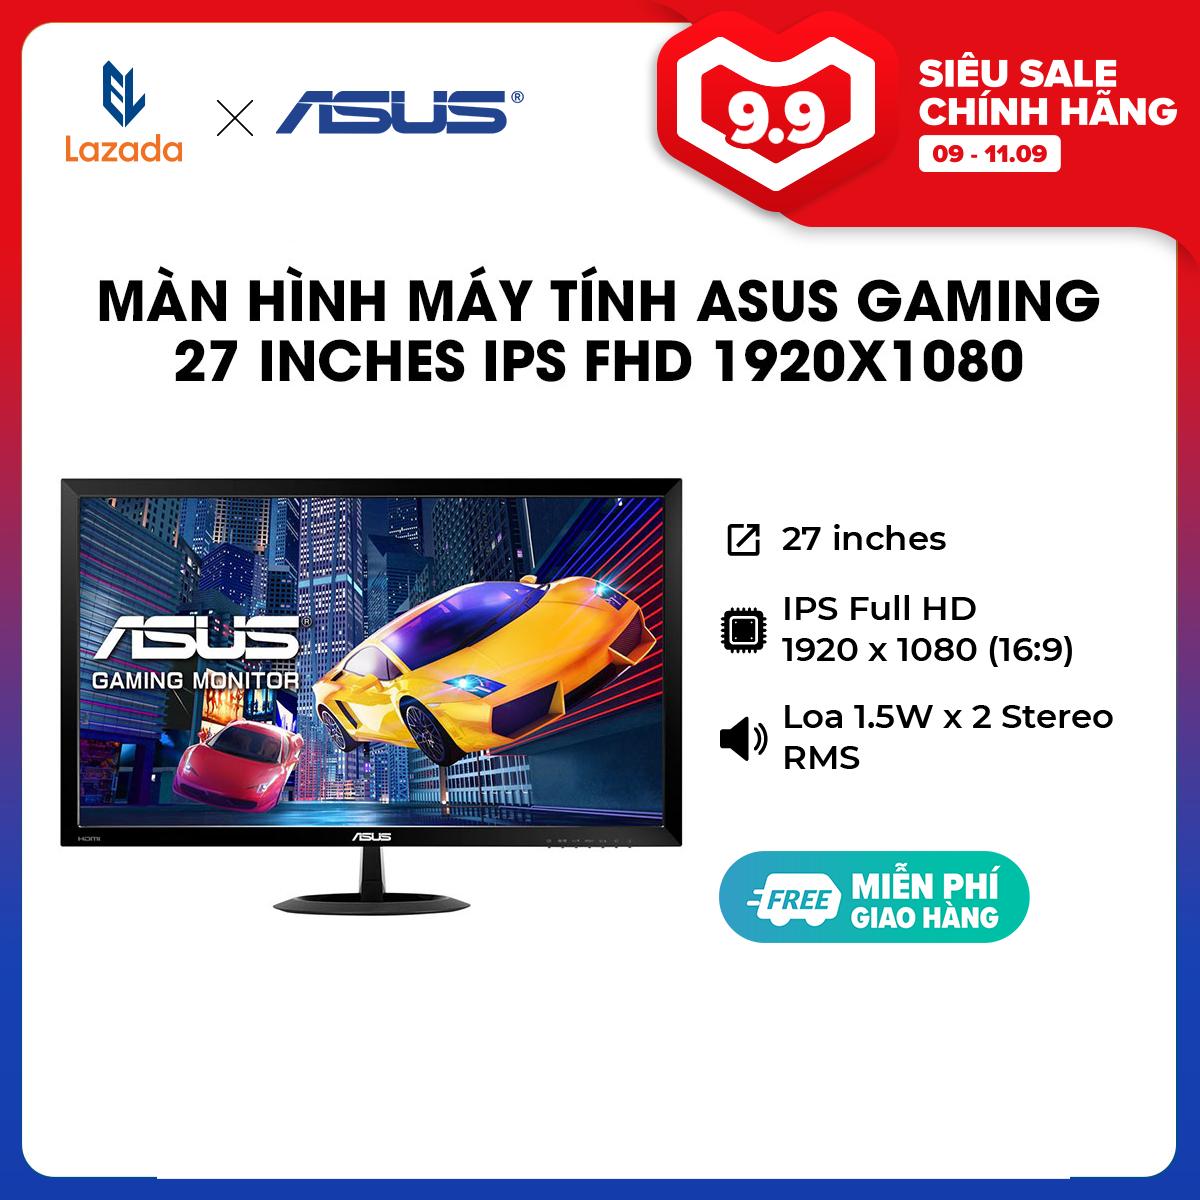 [HÀNG CHÍNH HÃNG] Màn hình máy tính ASUS Gaming 27 inches IPS FHD (1920×1080) 75Hz 1ms l Low Blue Light l Flicker Free l Loa 1.5W x 2 Stereo RMS